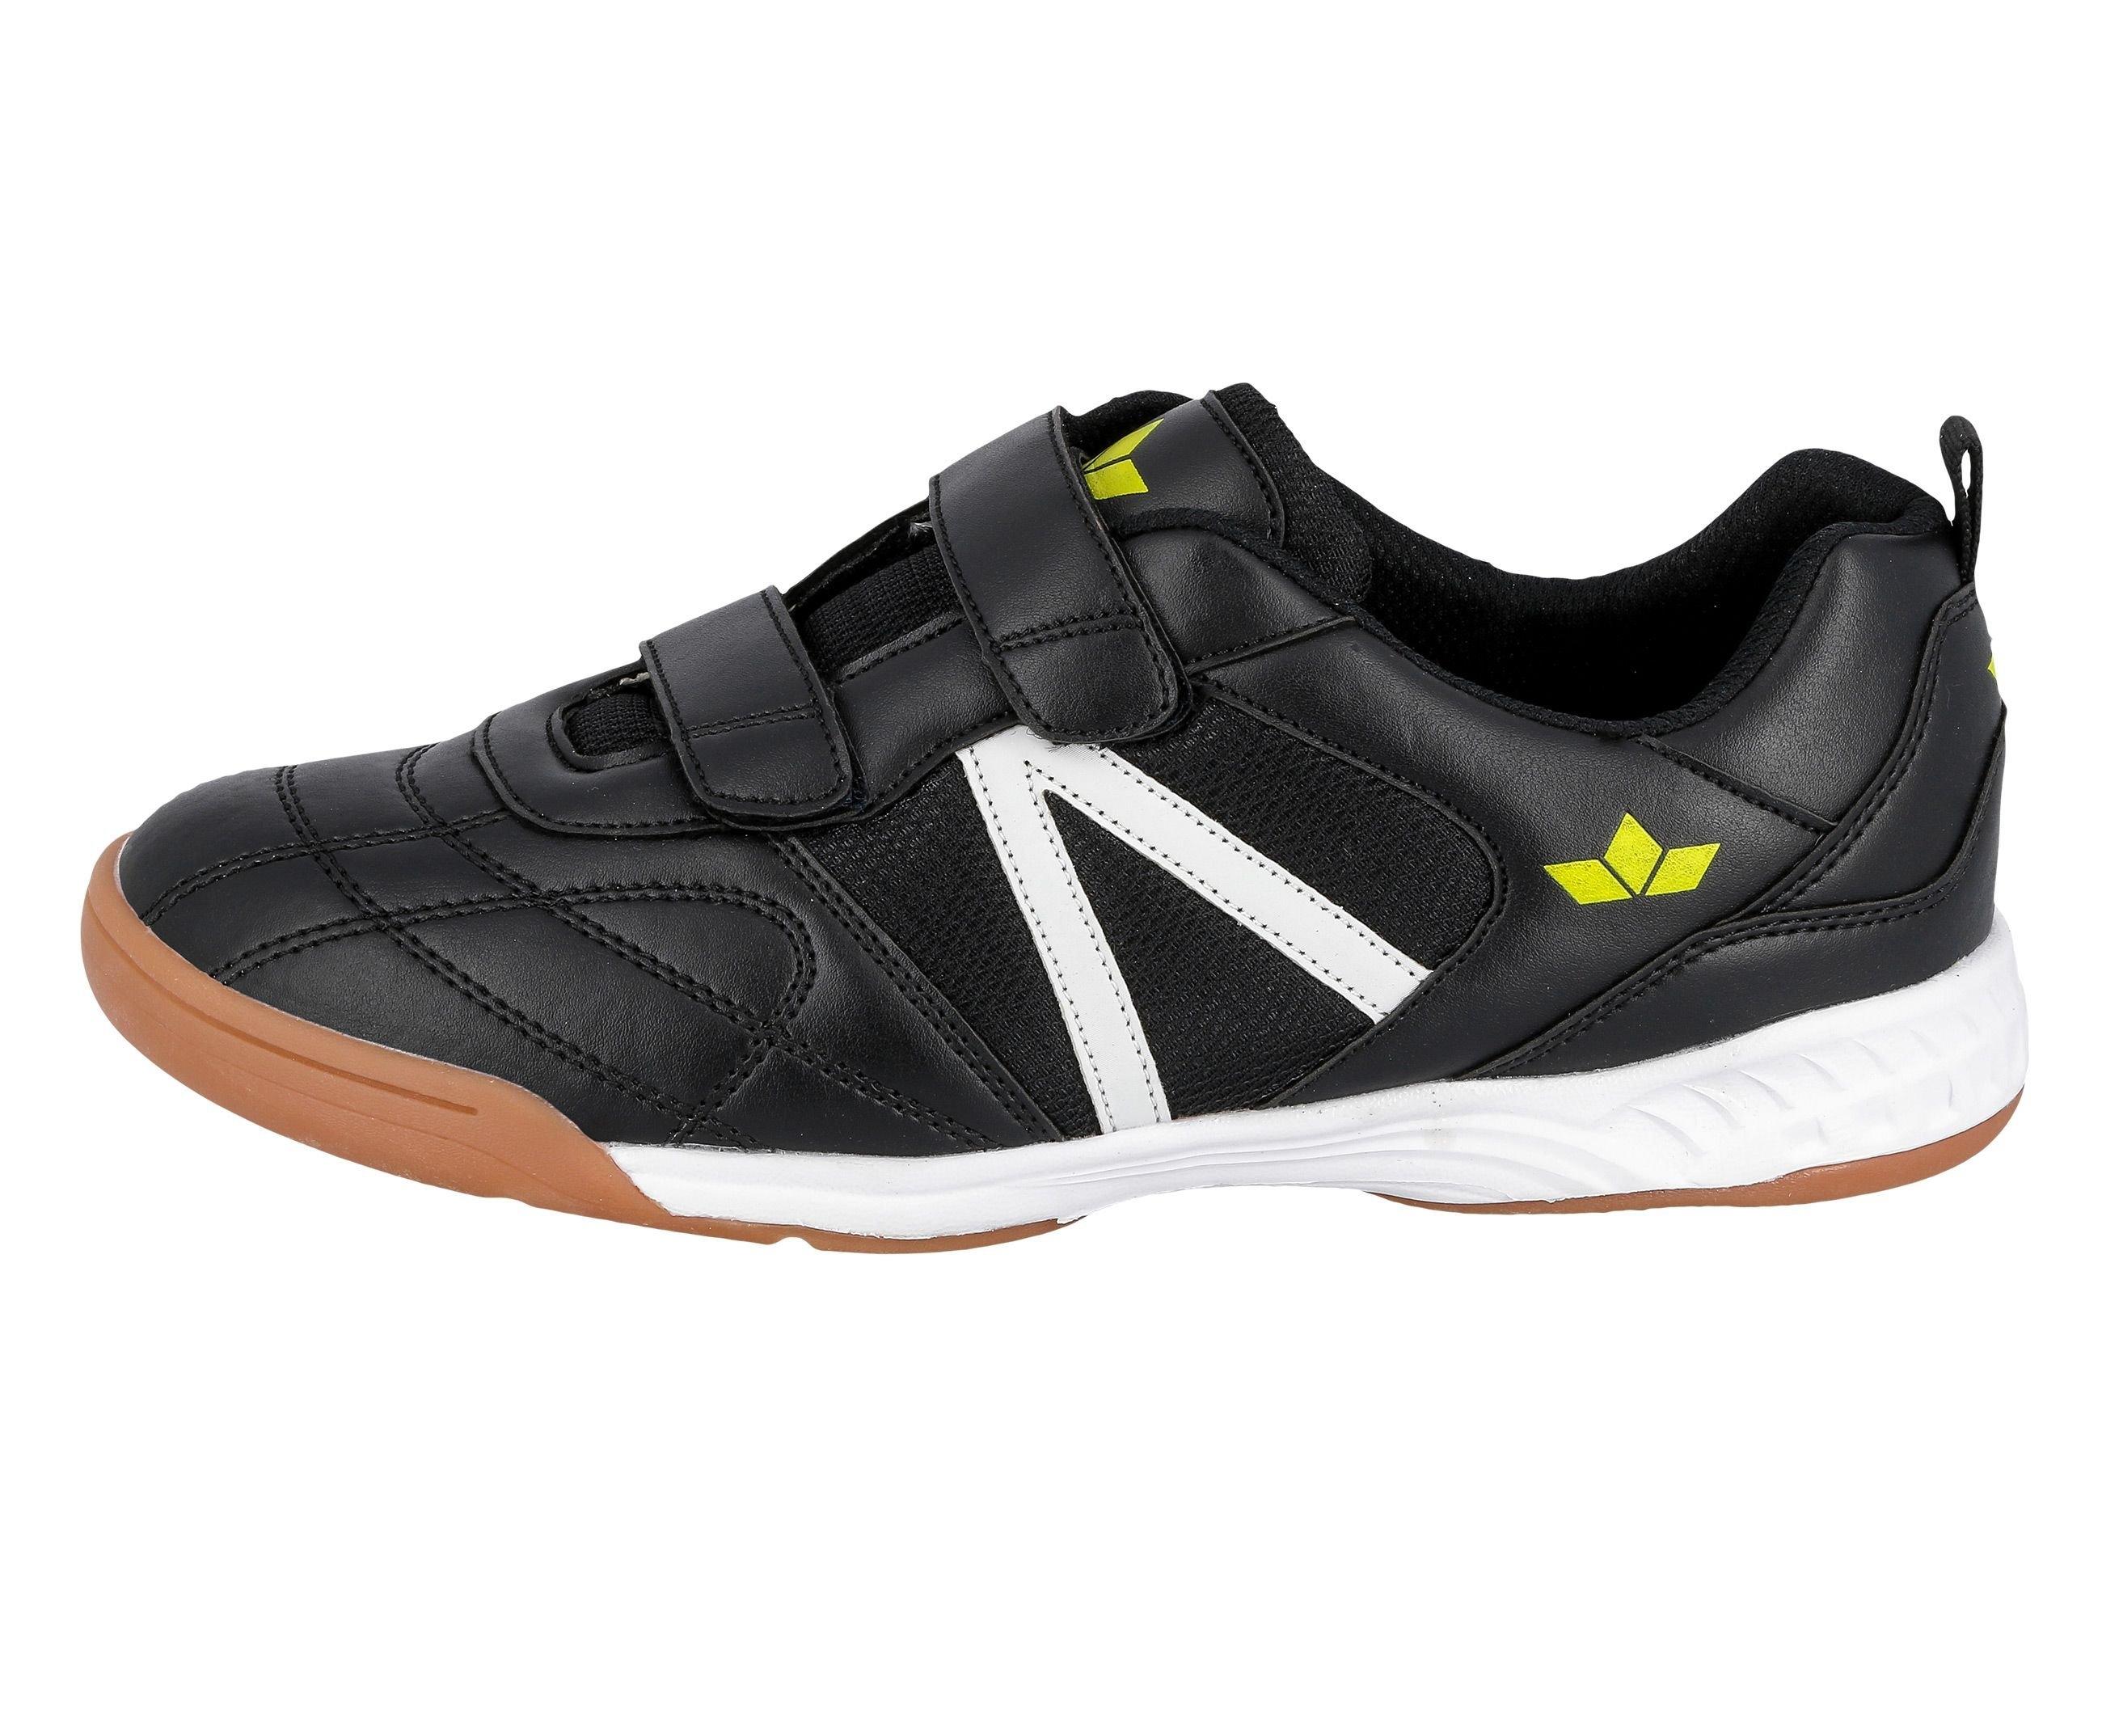 Lico klittenbandschoenen »Sportschoenen Action Indoor V« bestellen: 30 dagen bedenktijd